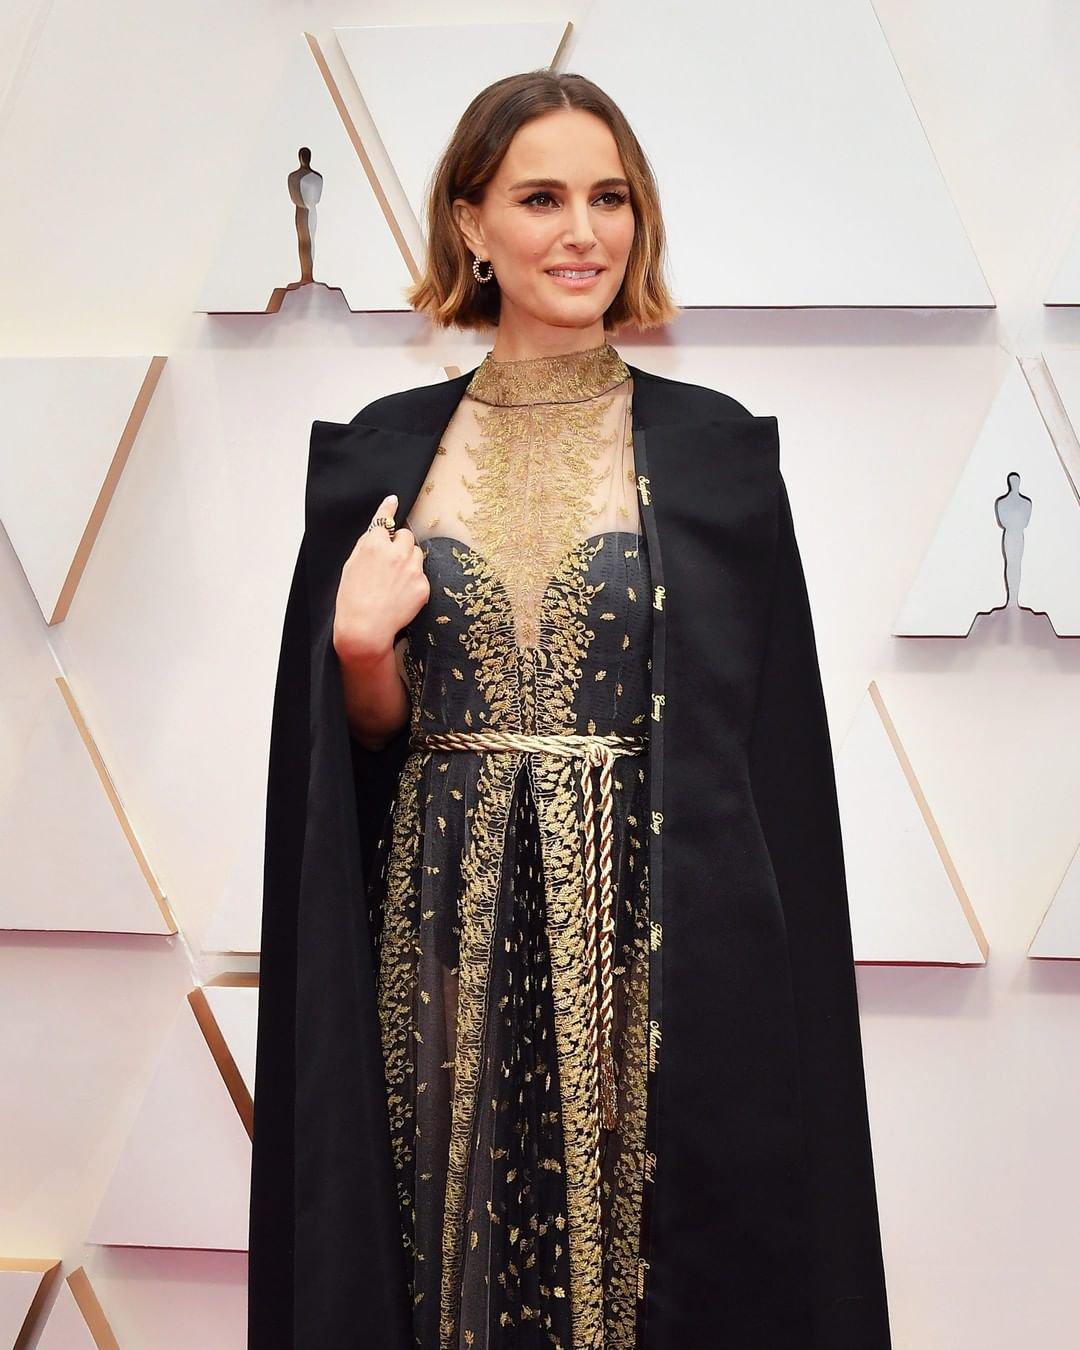 Natalie Portman - Dior - Oscar - Verão - Red carpet